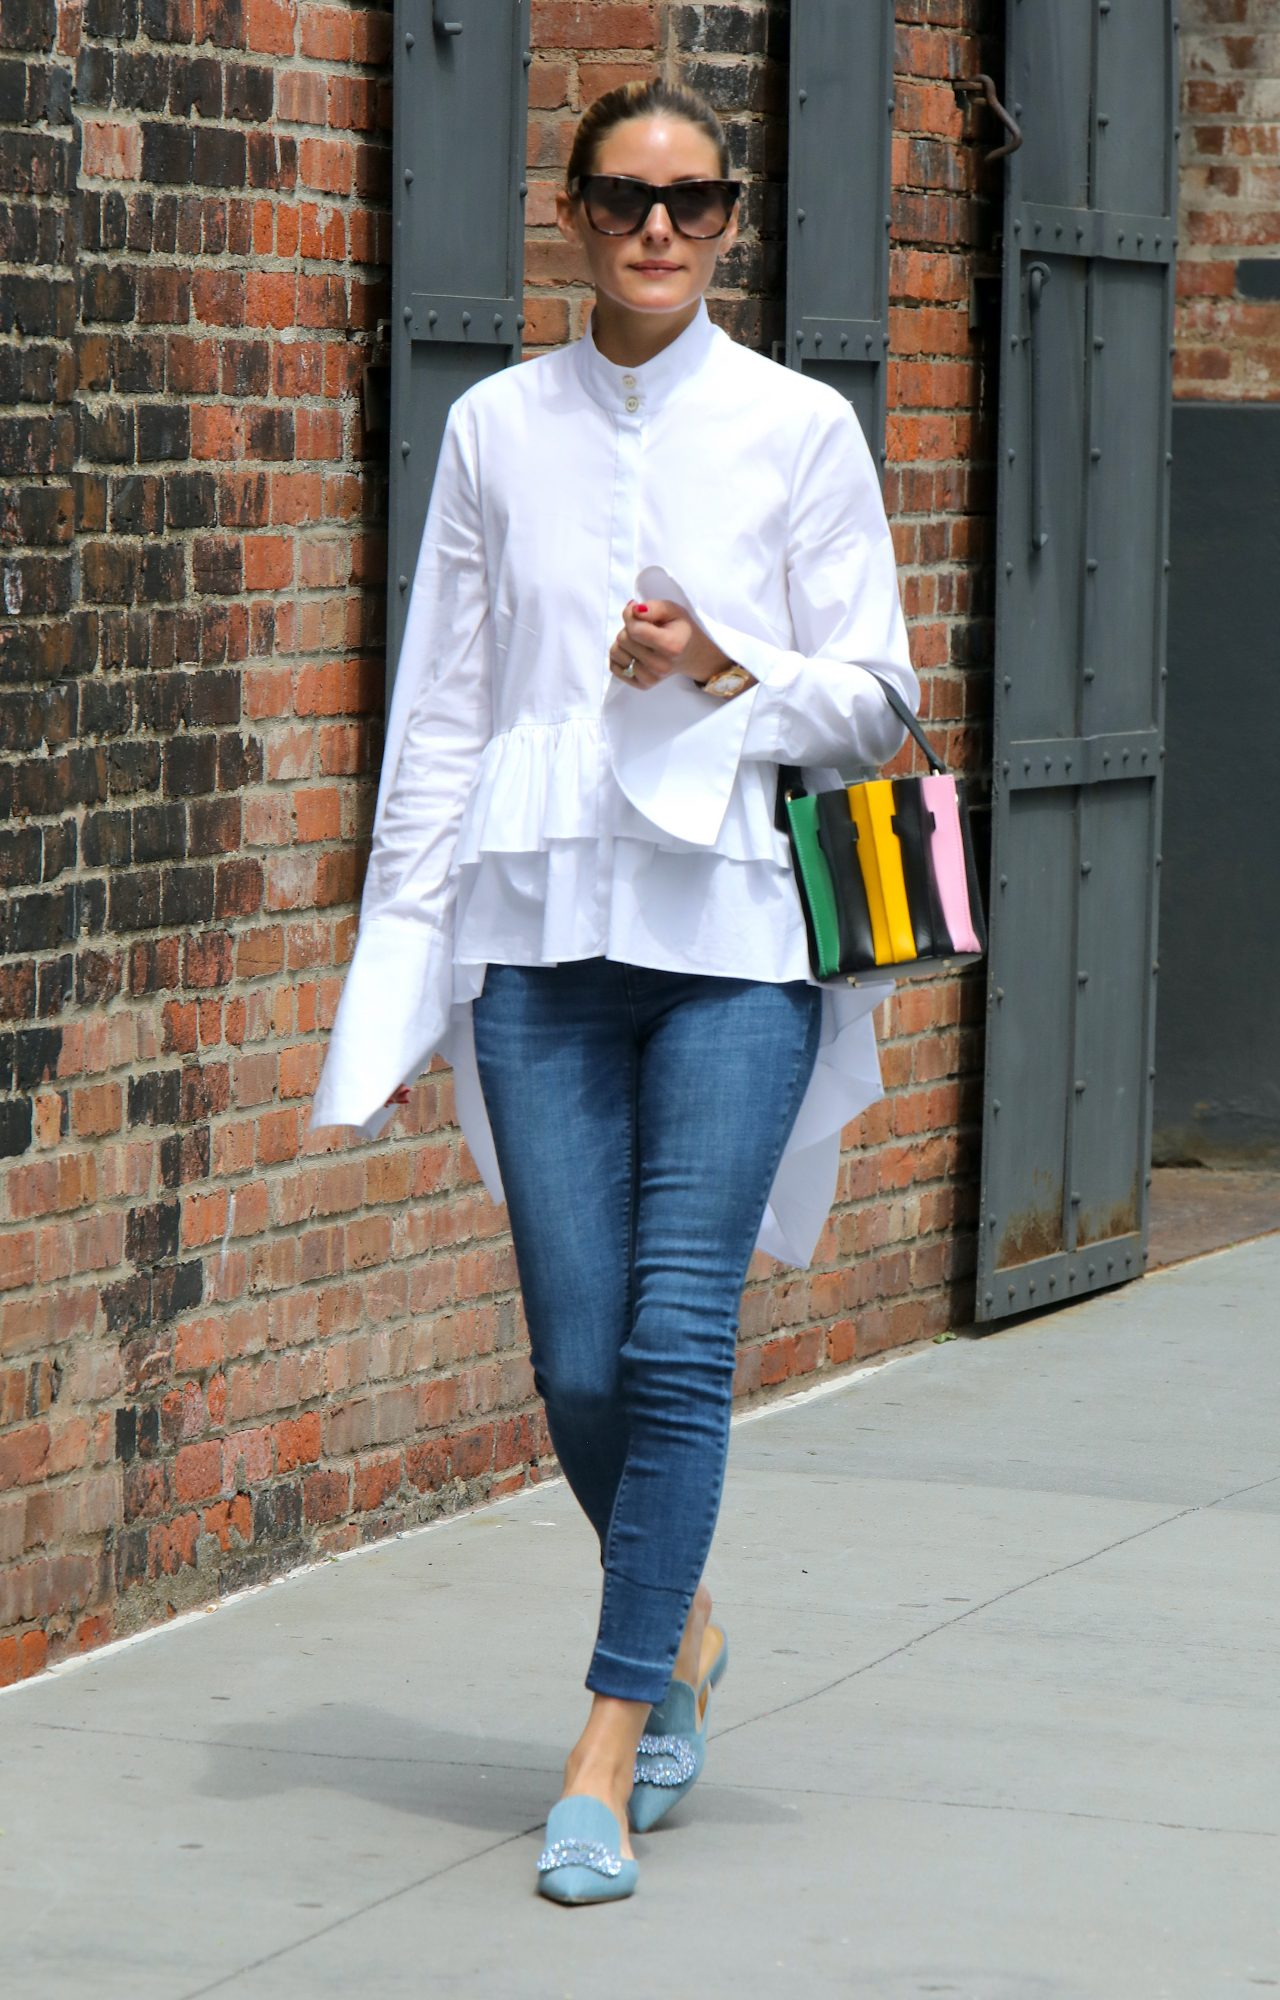 La socialité se paseó por las calles de Nueva York con este look superchic de jeans, camisa blanca con vuelos, zapatos azul. pastel y minibolso a rayas.